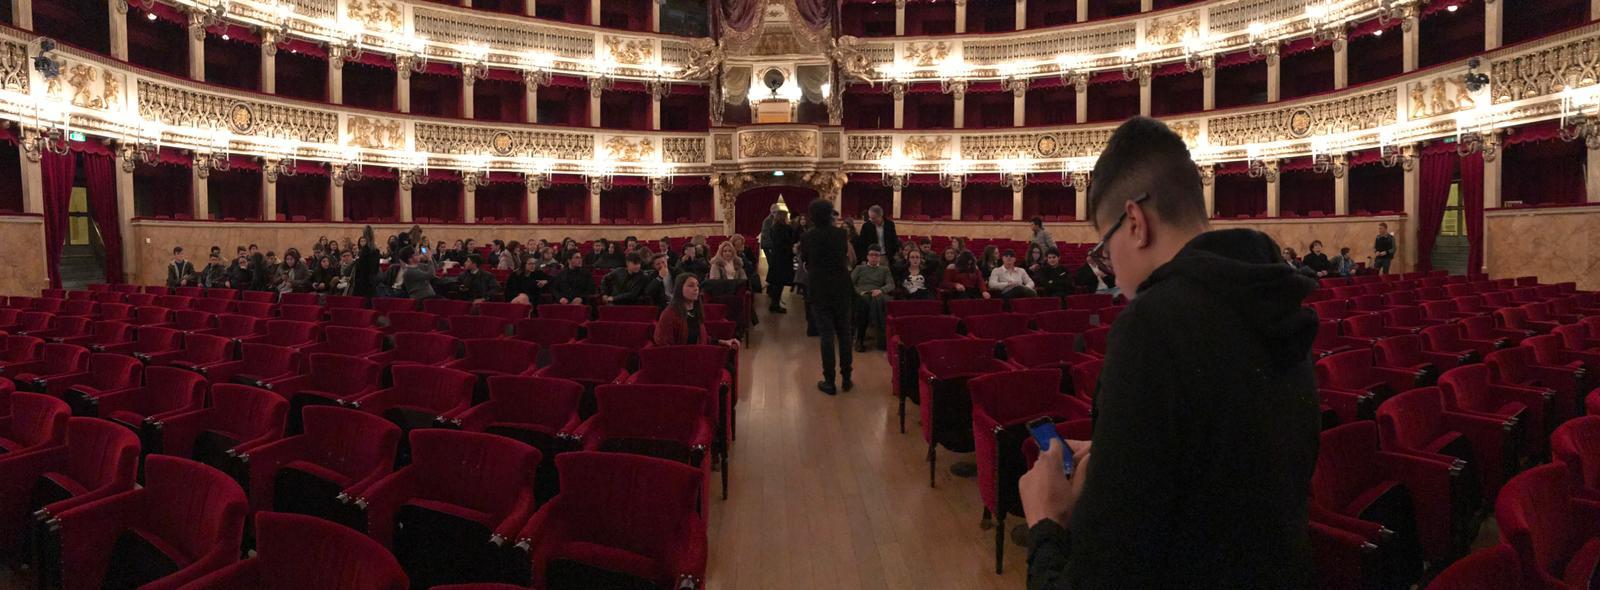 Teatro San Carlo_2